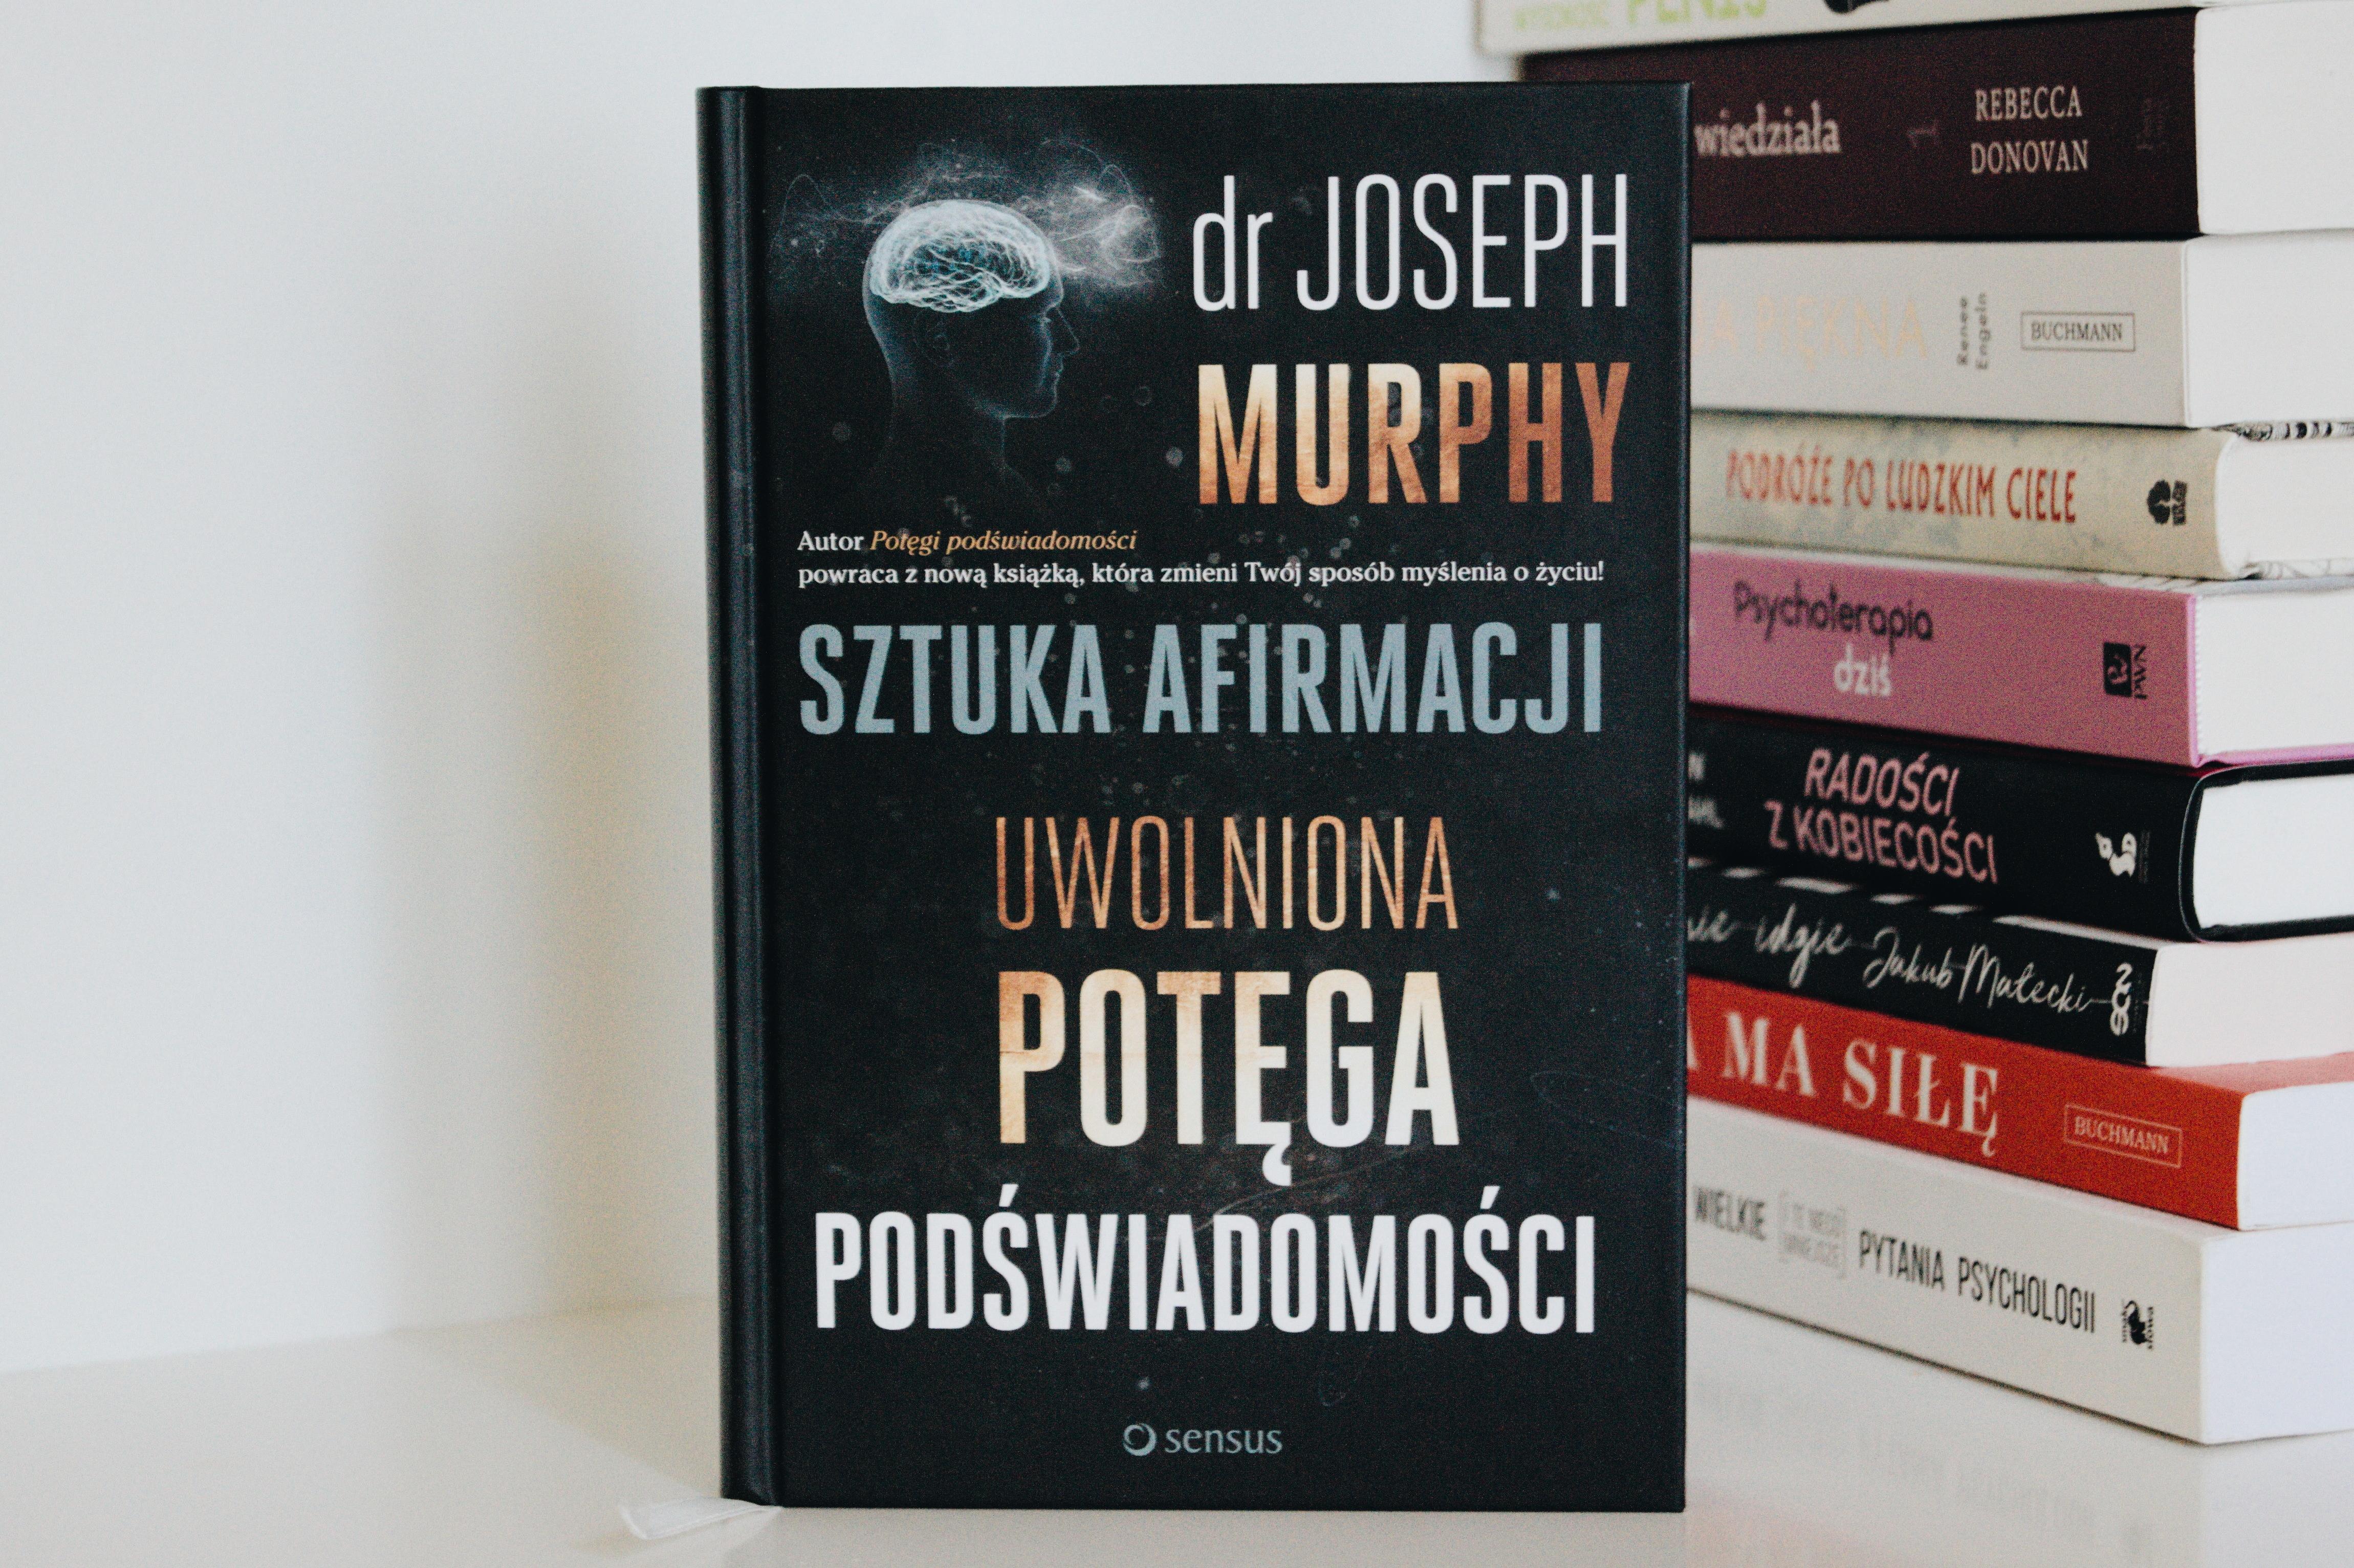 sztuka afirmacji uwolniona potęga podświadomości drJospeh Murphy, podsumowanie grudnia 2018